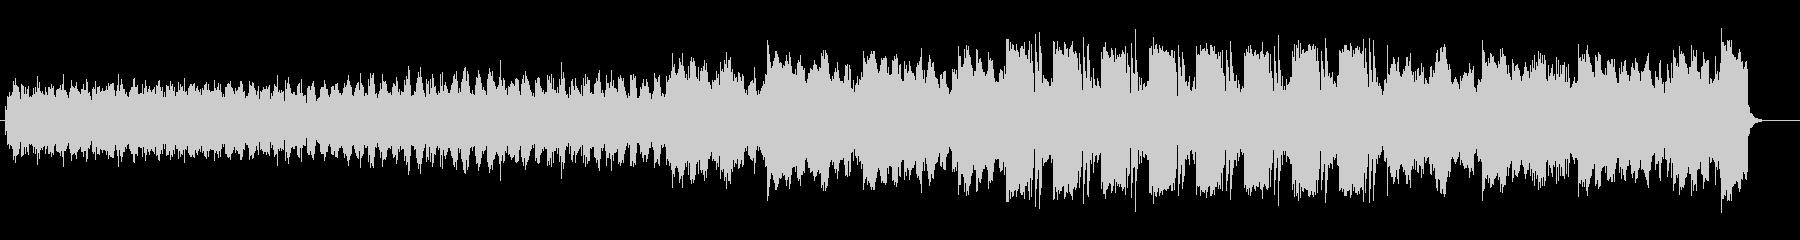 明るいリラクゼーションミュージックの未再生の波形